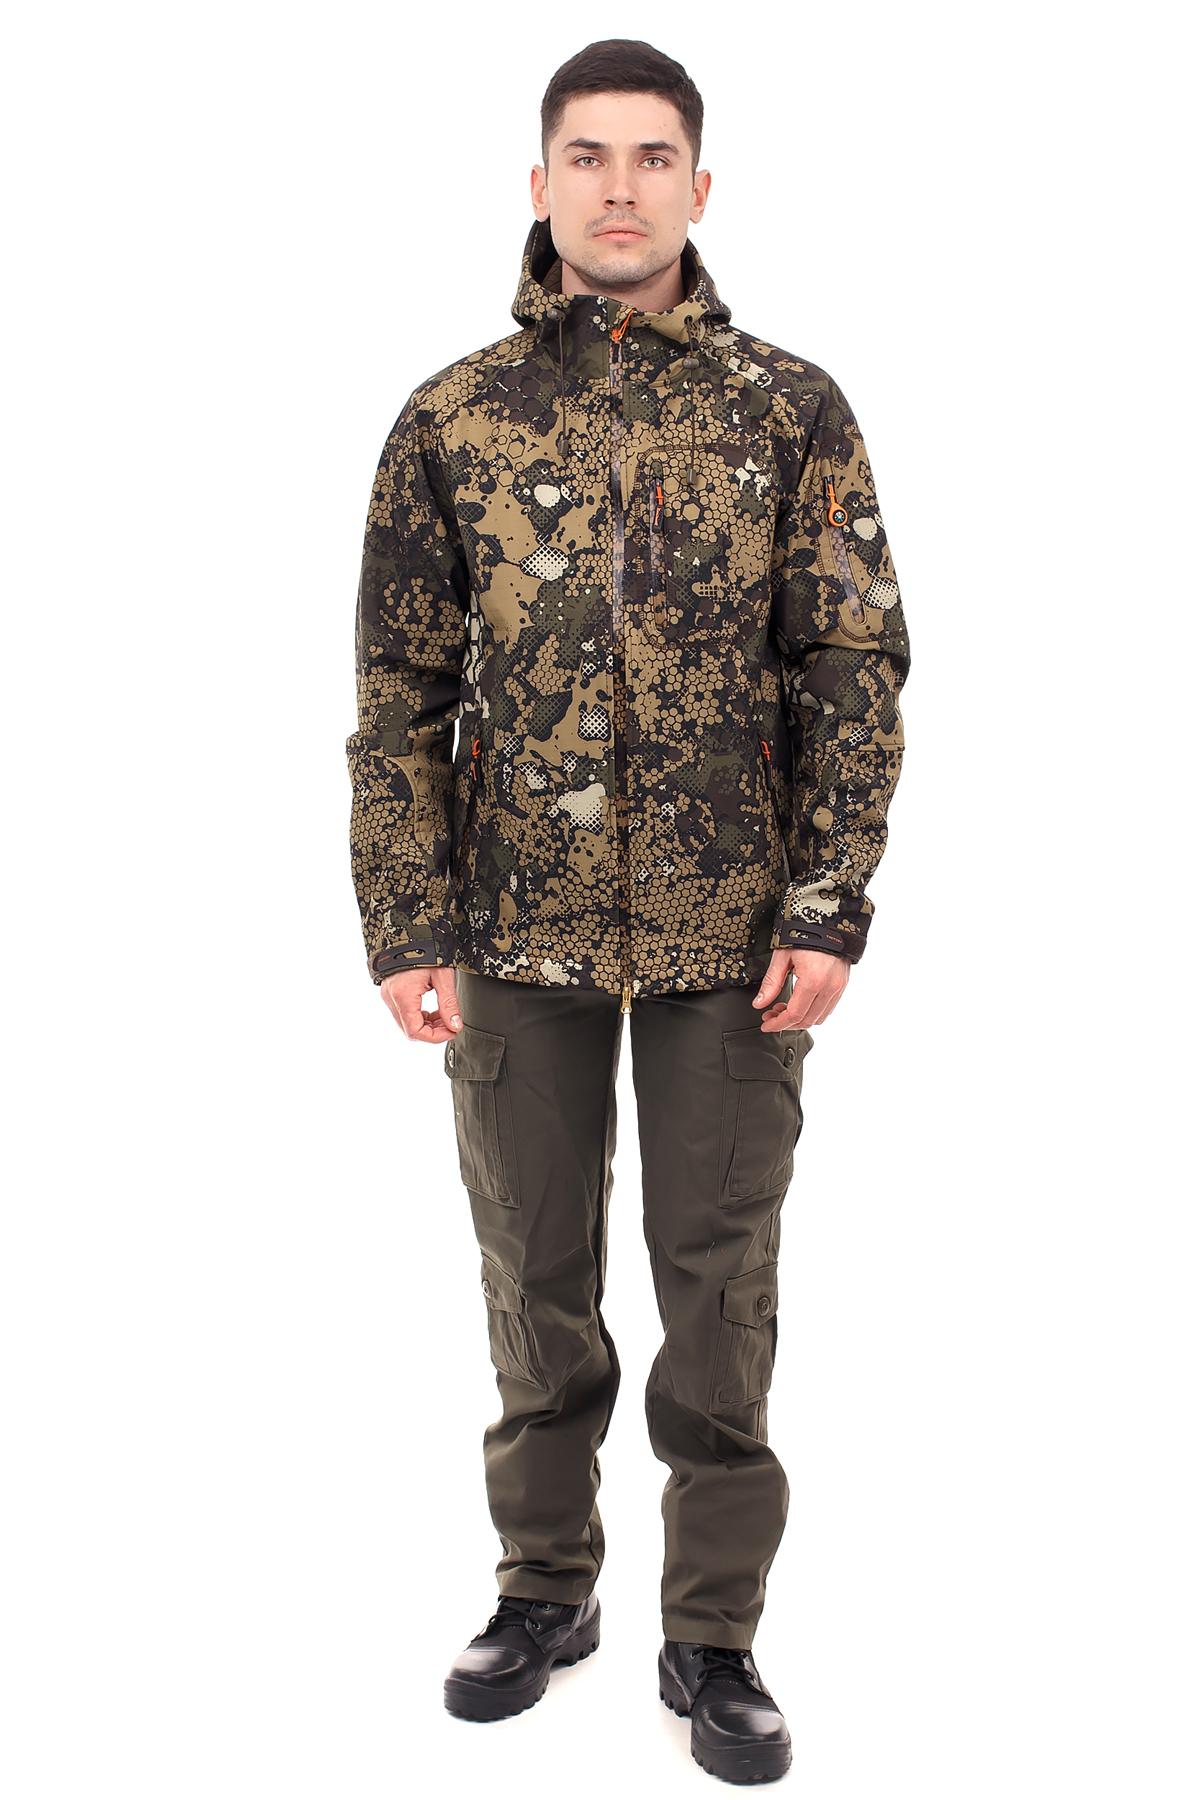 Куртка Тритон Pro (Софт Шел/Бежевый) TRITON Куртки софтшелл (Softshell)<br>Куртка «Тритон», идеально подойдет для <br>повседневной носки, активного отдыха и <br>охоты в демисезонный период. Куртка: 1. Центральная <br>дух замковая молния; 2. 4 кармана с тесьмой <br>молния; 3. Капюшон регулируется по объему; <br>4. Объем низа рукава негулируется патой <br>с контактной лентой.<br><br>Пол: мужской<br>Размер: 60-62<br>Рост: 182-188<br>Сезон: демисезонный<br>Цвет: коричневый